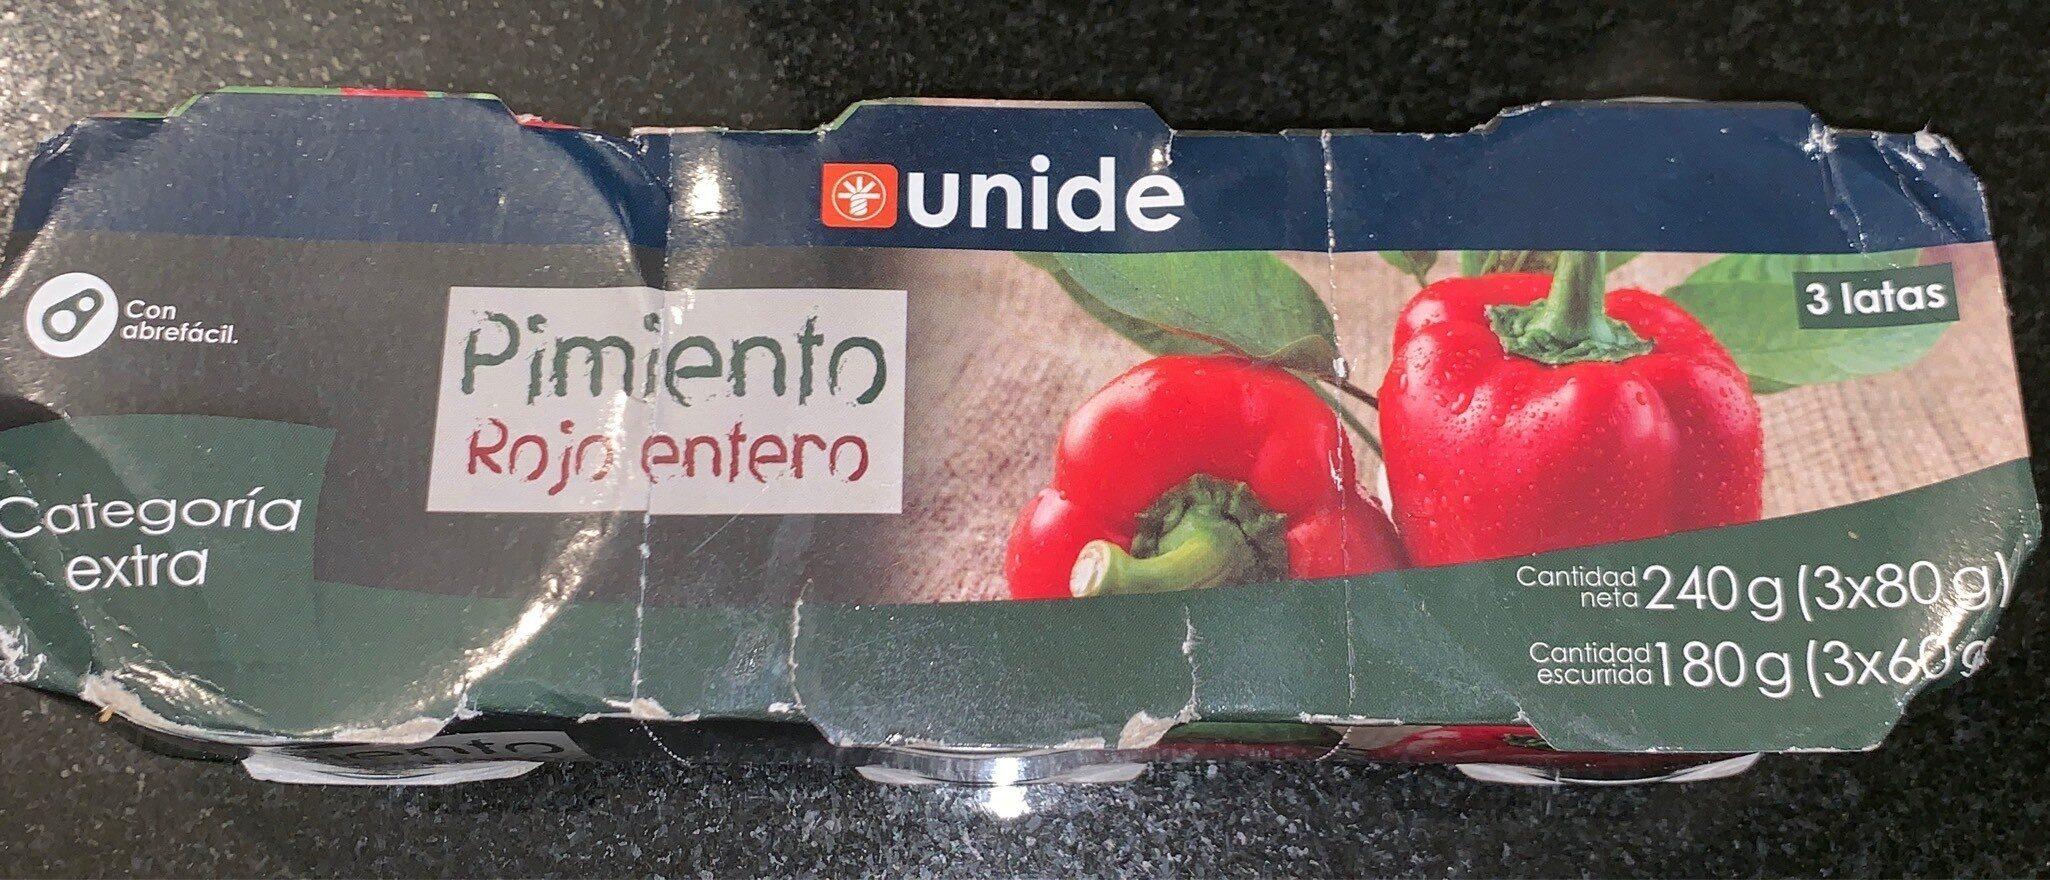 Pimiento rojo entero - Product